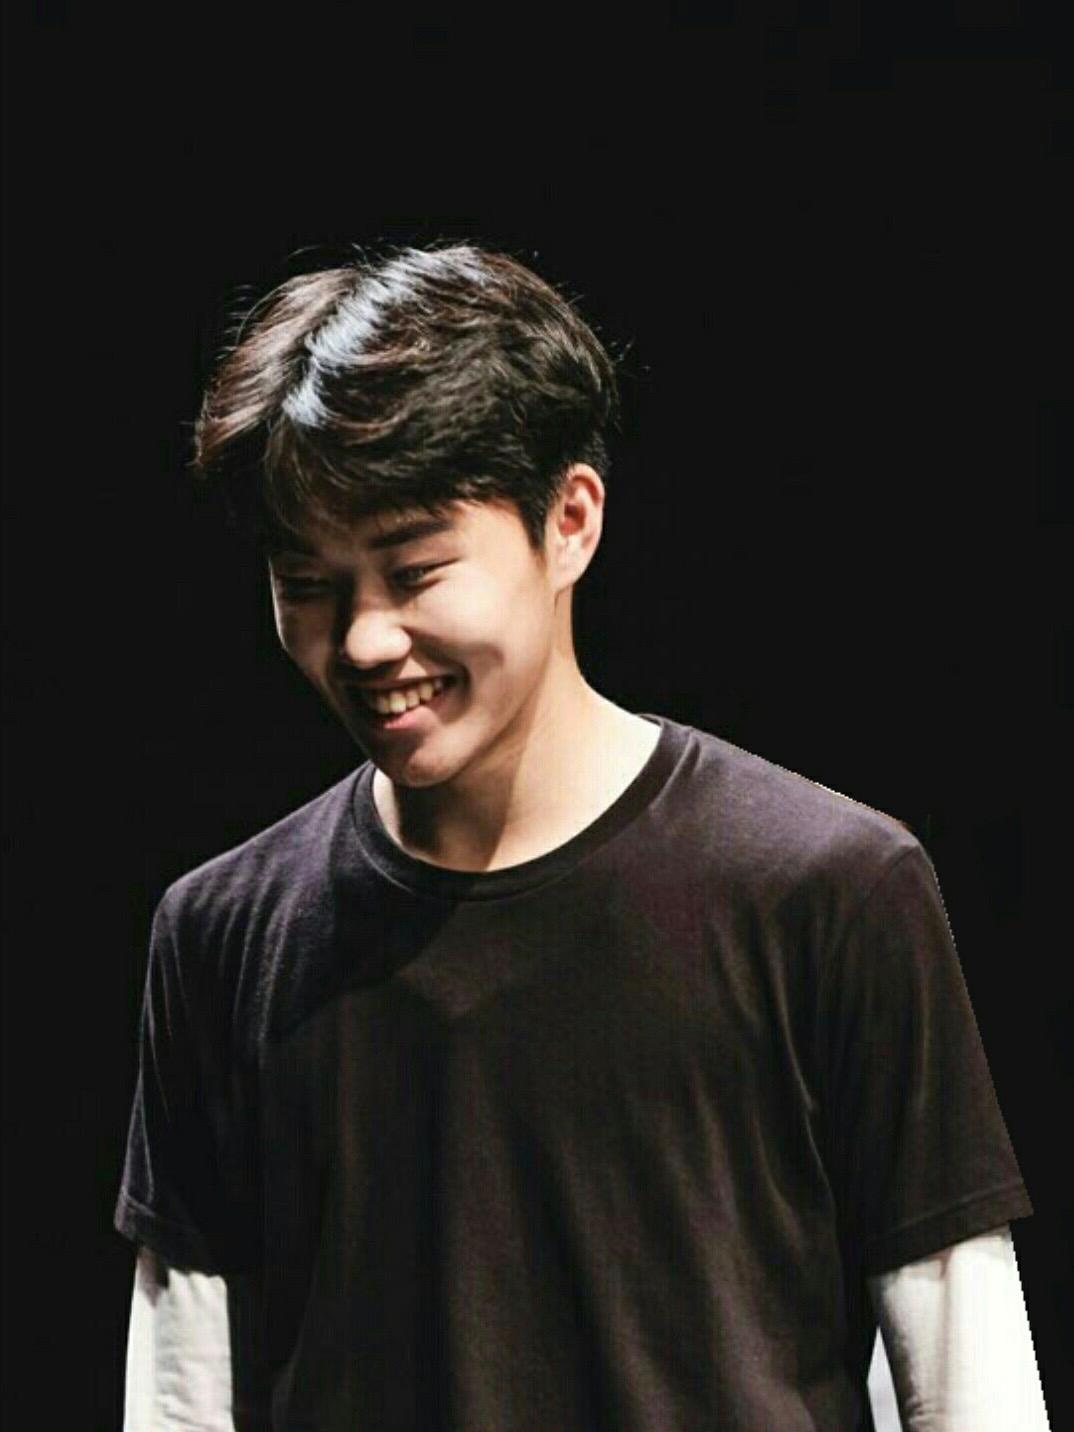 김종우 JongWoo Kim<br>1997<br>169 31 265